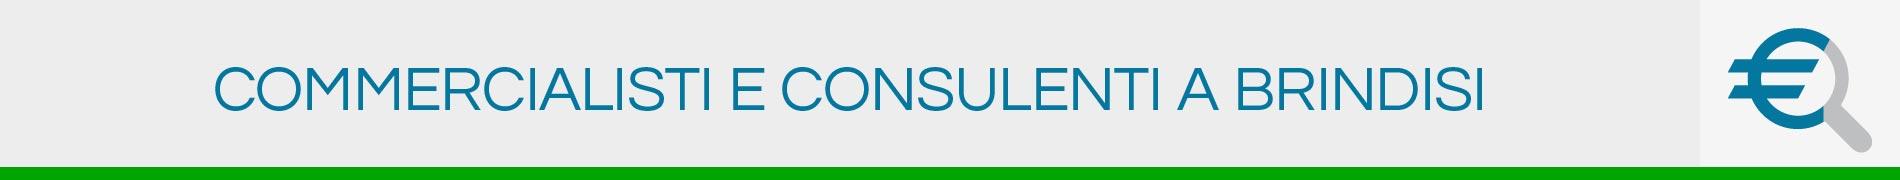 Commercialisti e Consulenti a Brindisi